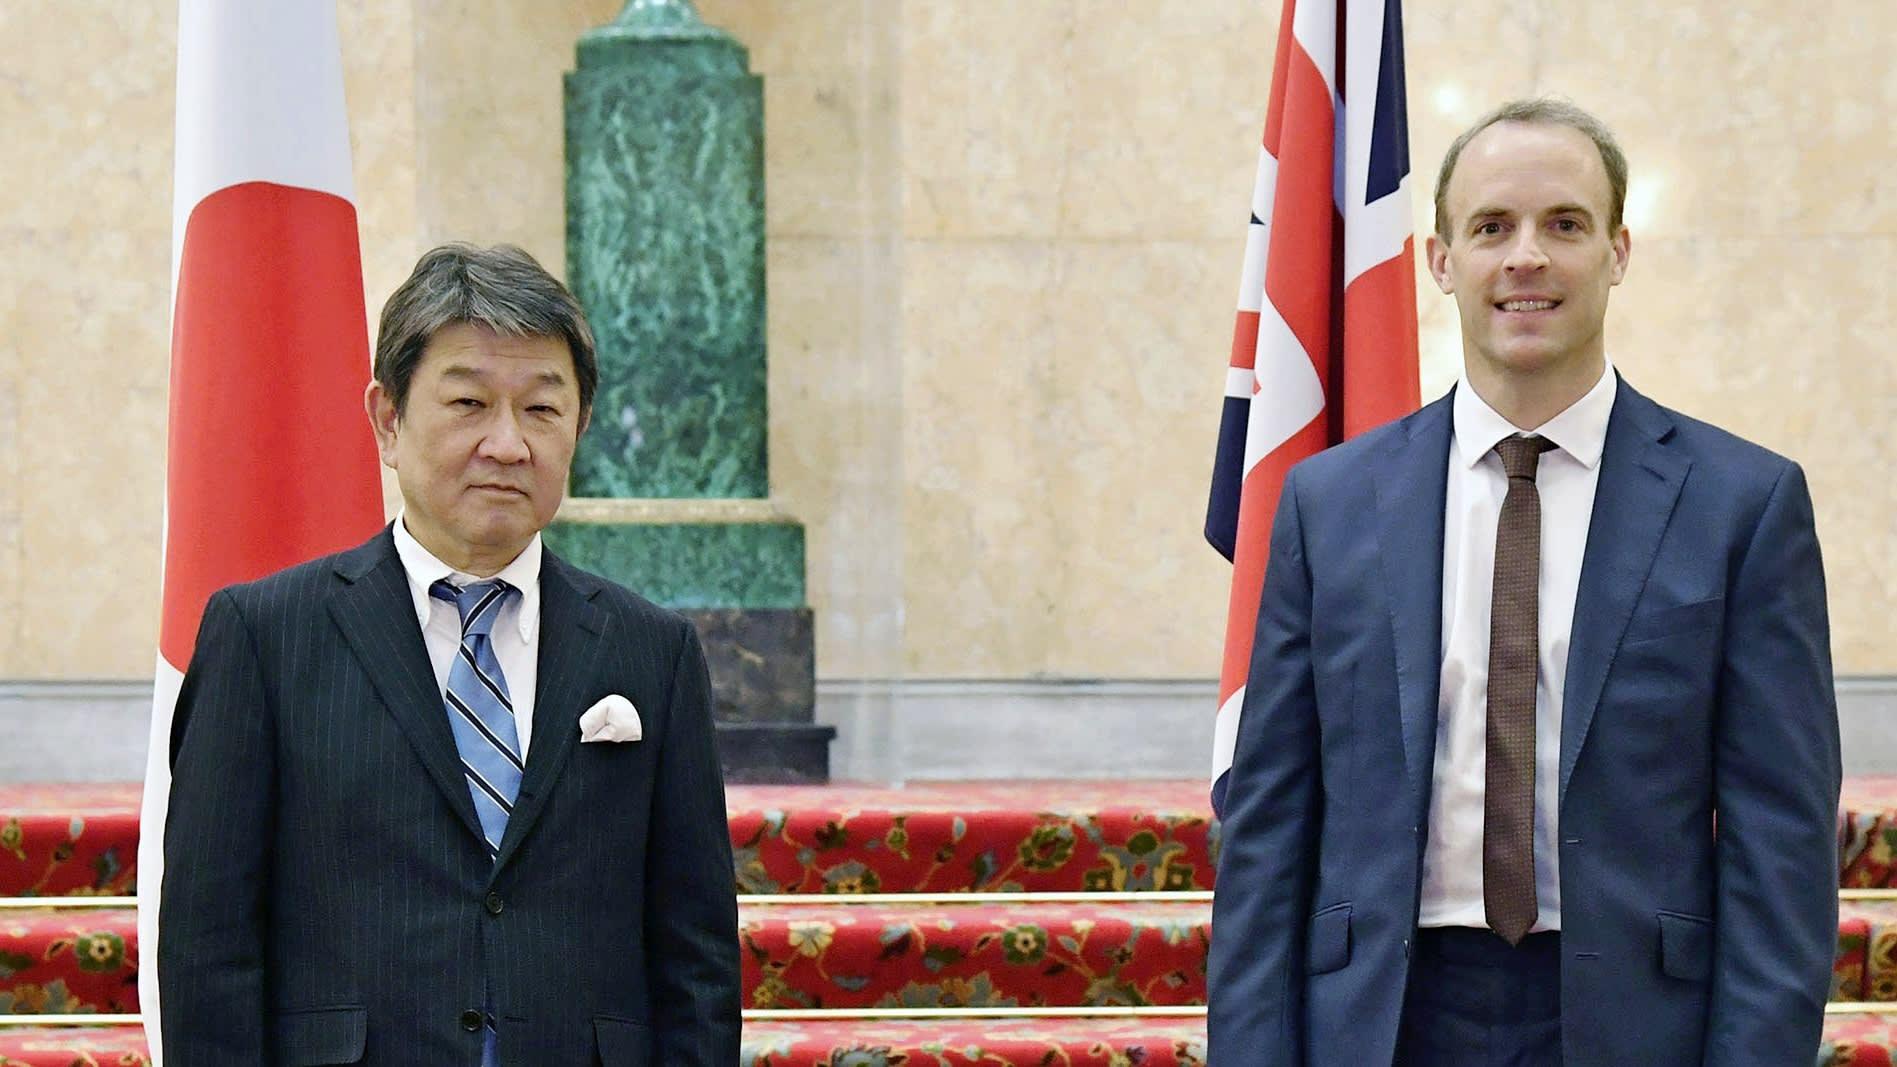 Anh kí hiệp định thương mại đầu tiên sau khi chia tay Brexit - Ảnh 1.